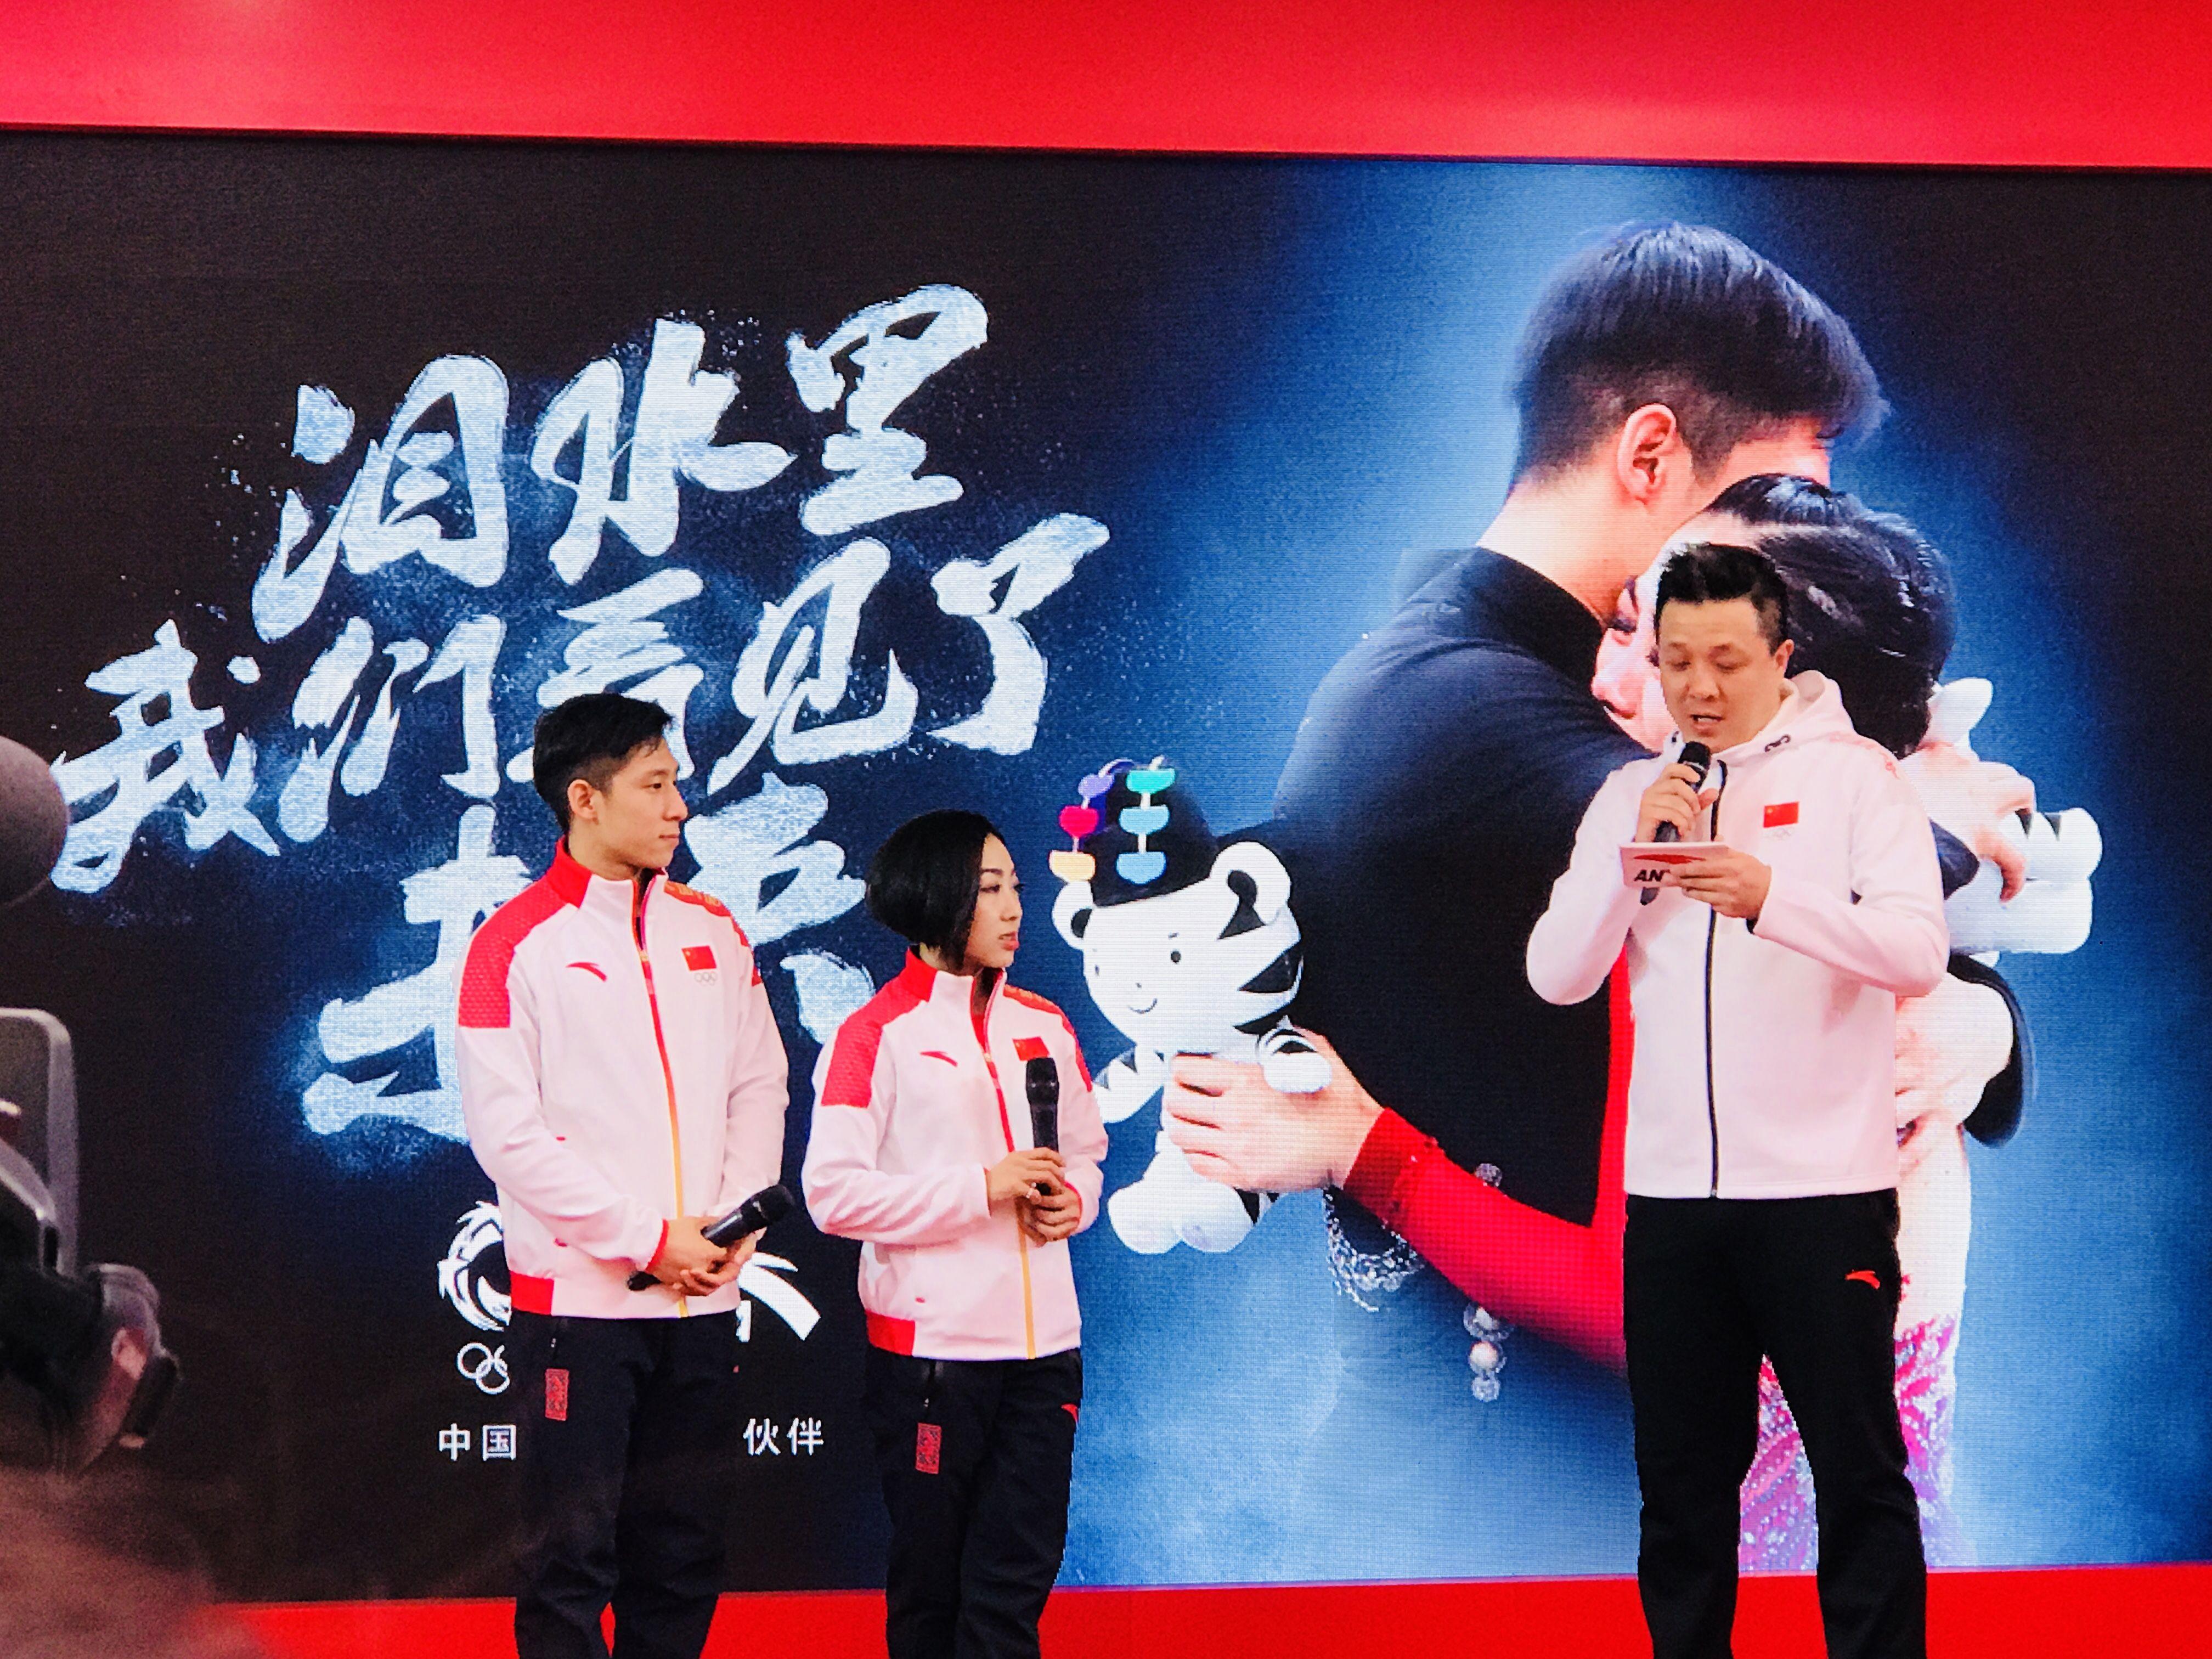 隋韩组合做客中国之家包饺子写对联 期待北京圆金梦